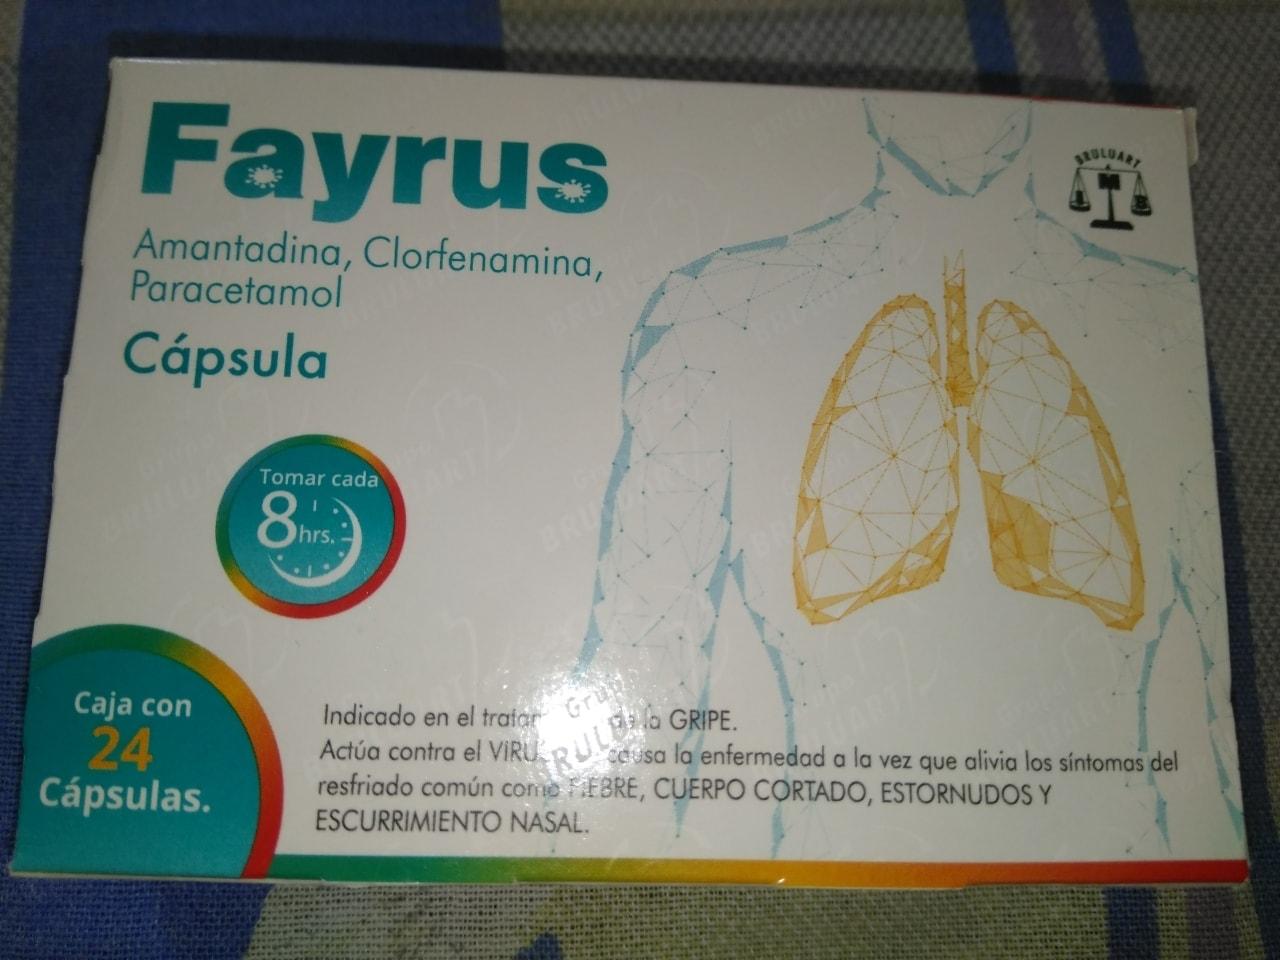 Fayrus (Amantadina, clorfenamina y paracetamol) #RegalaConOlio